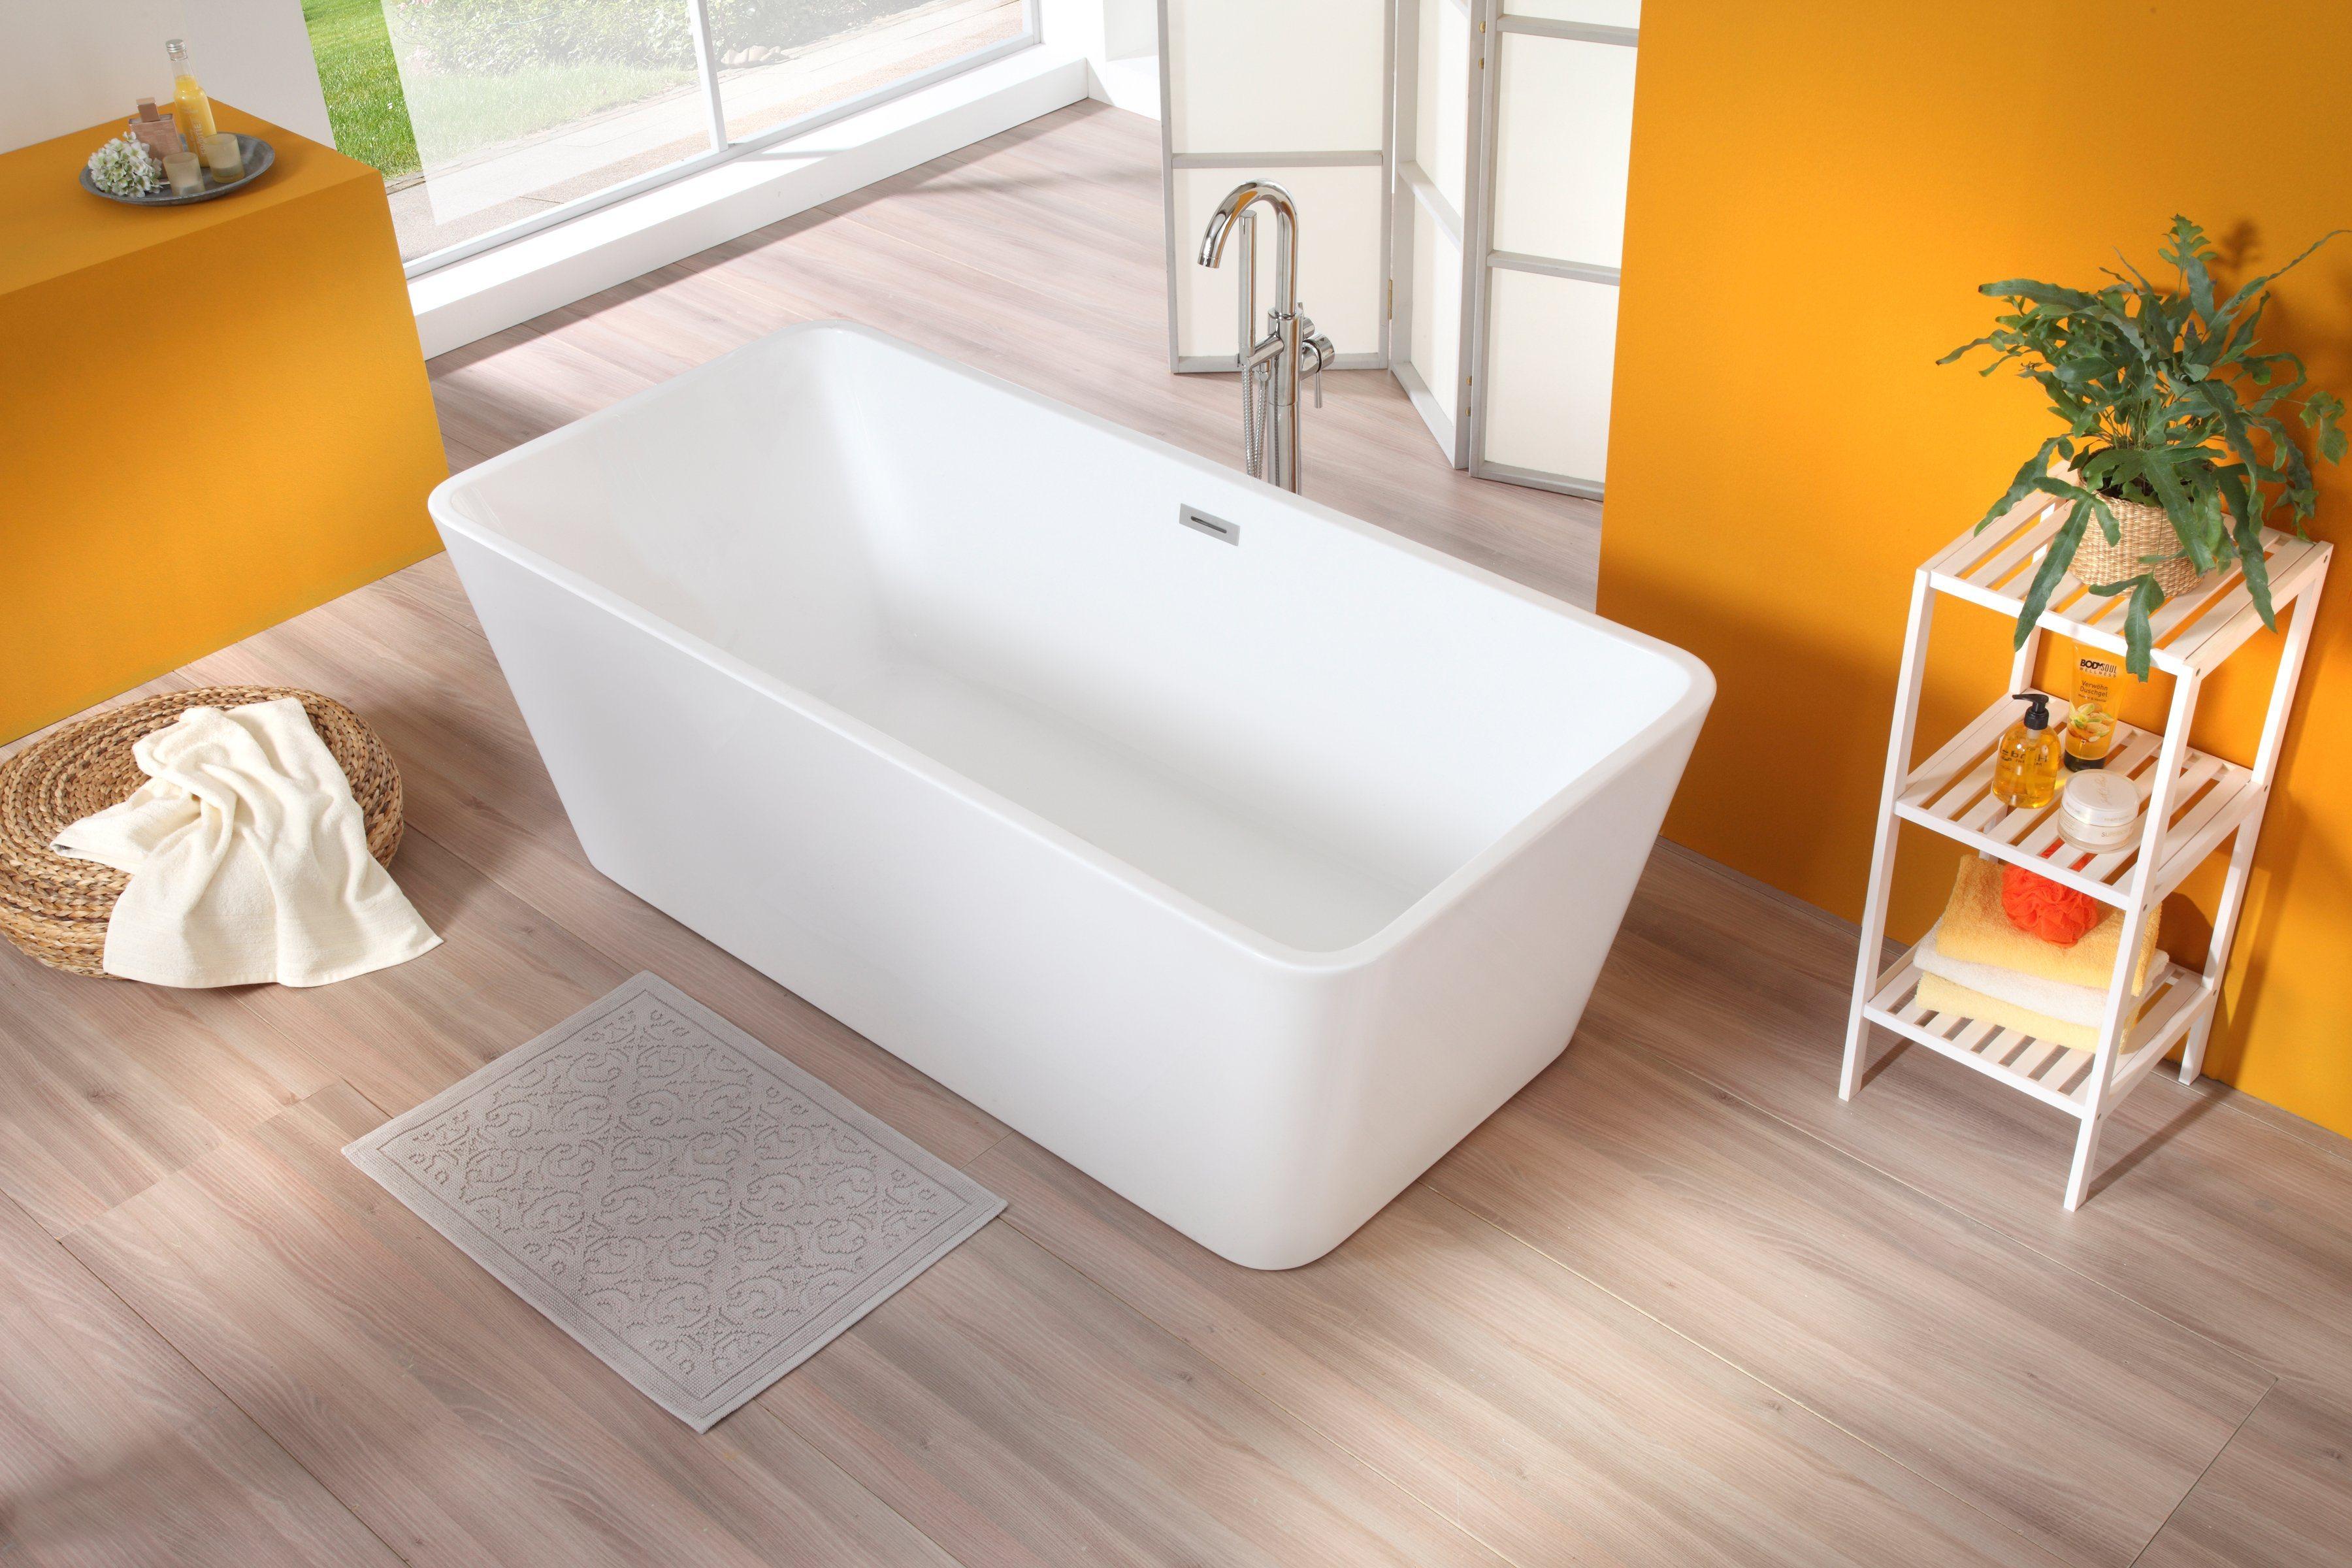 badewanne eckig gebraucht oder neu kaufen und sparen. Black Bedroom Furniture Sets. Home Design Ideas